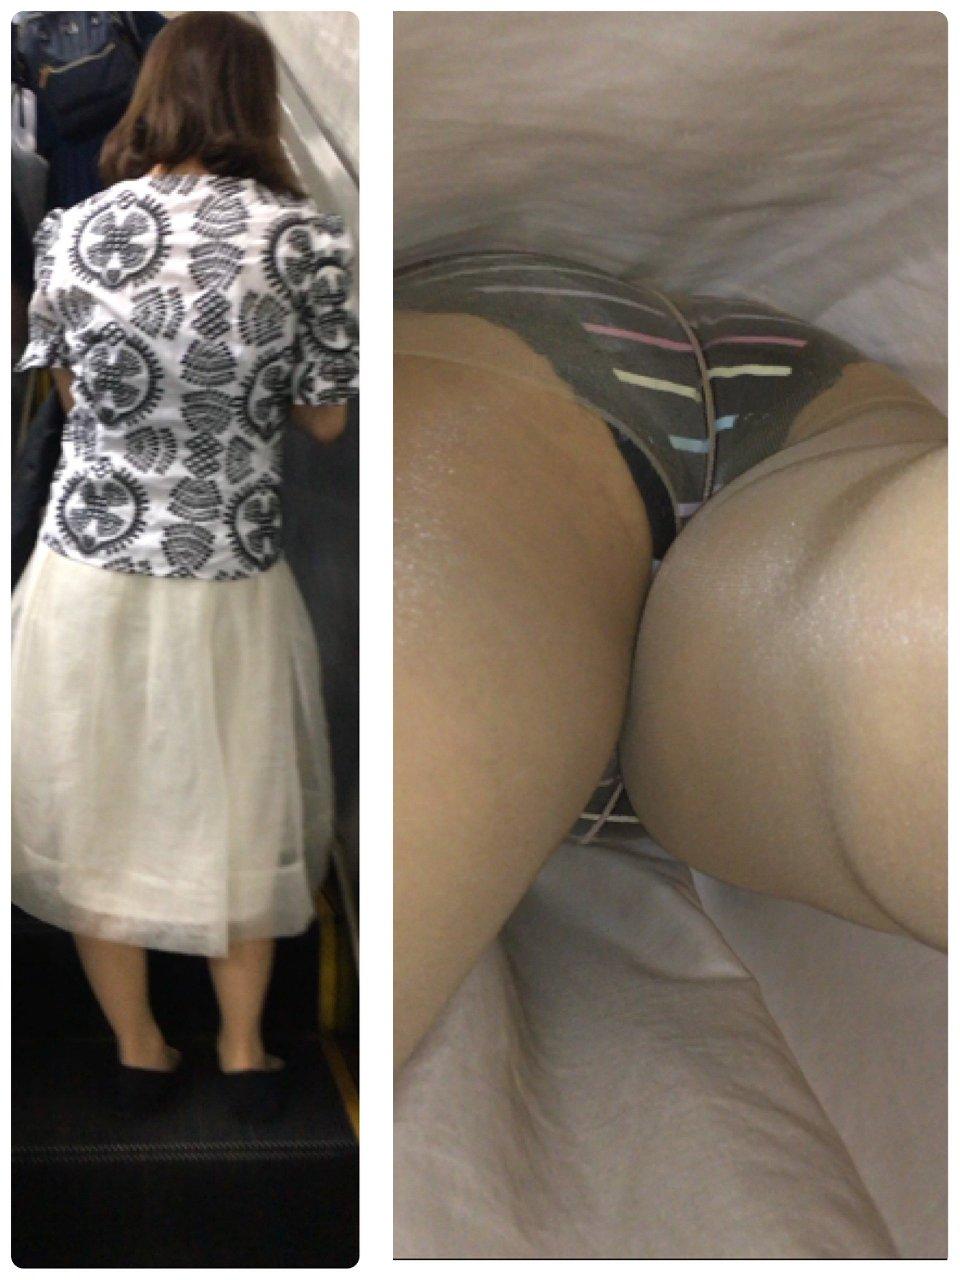 アダルト画像3次元 - 【逆さ撮り】ロングスカートを超低空から取材したパンモロ画像